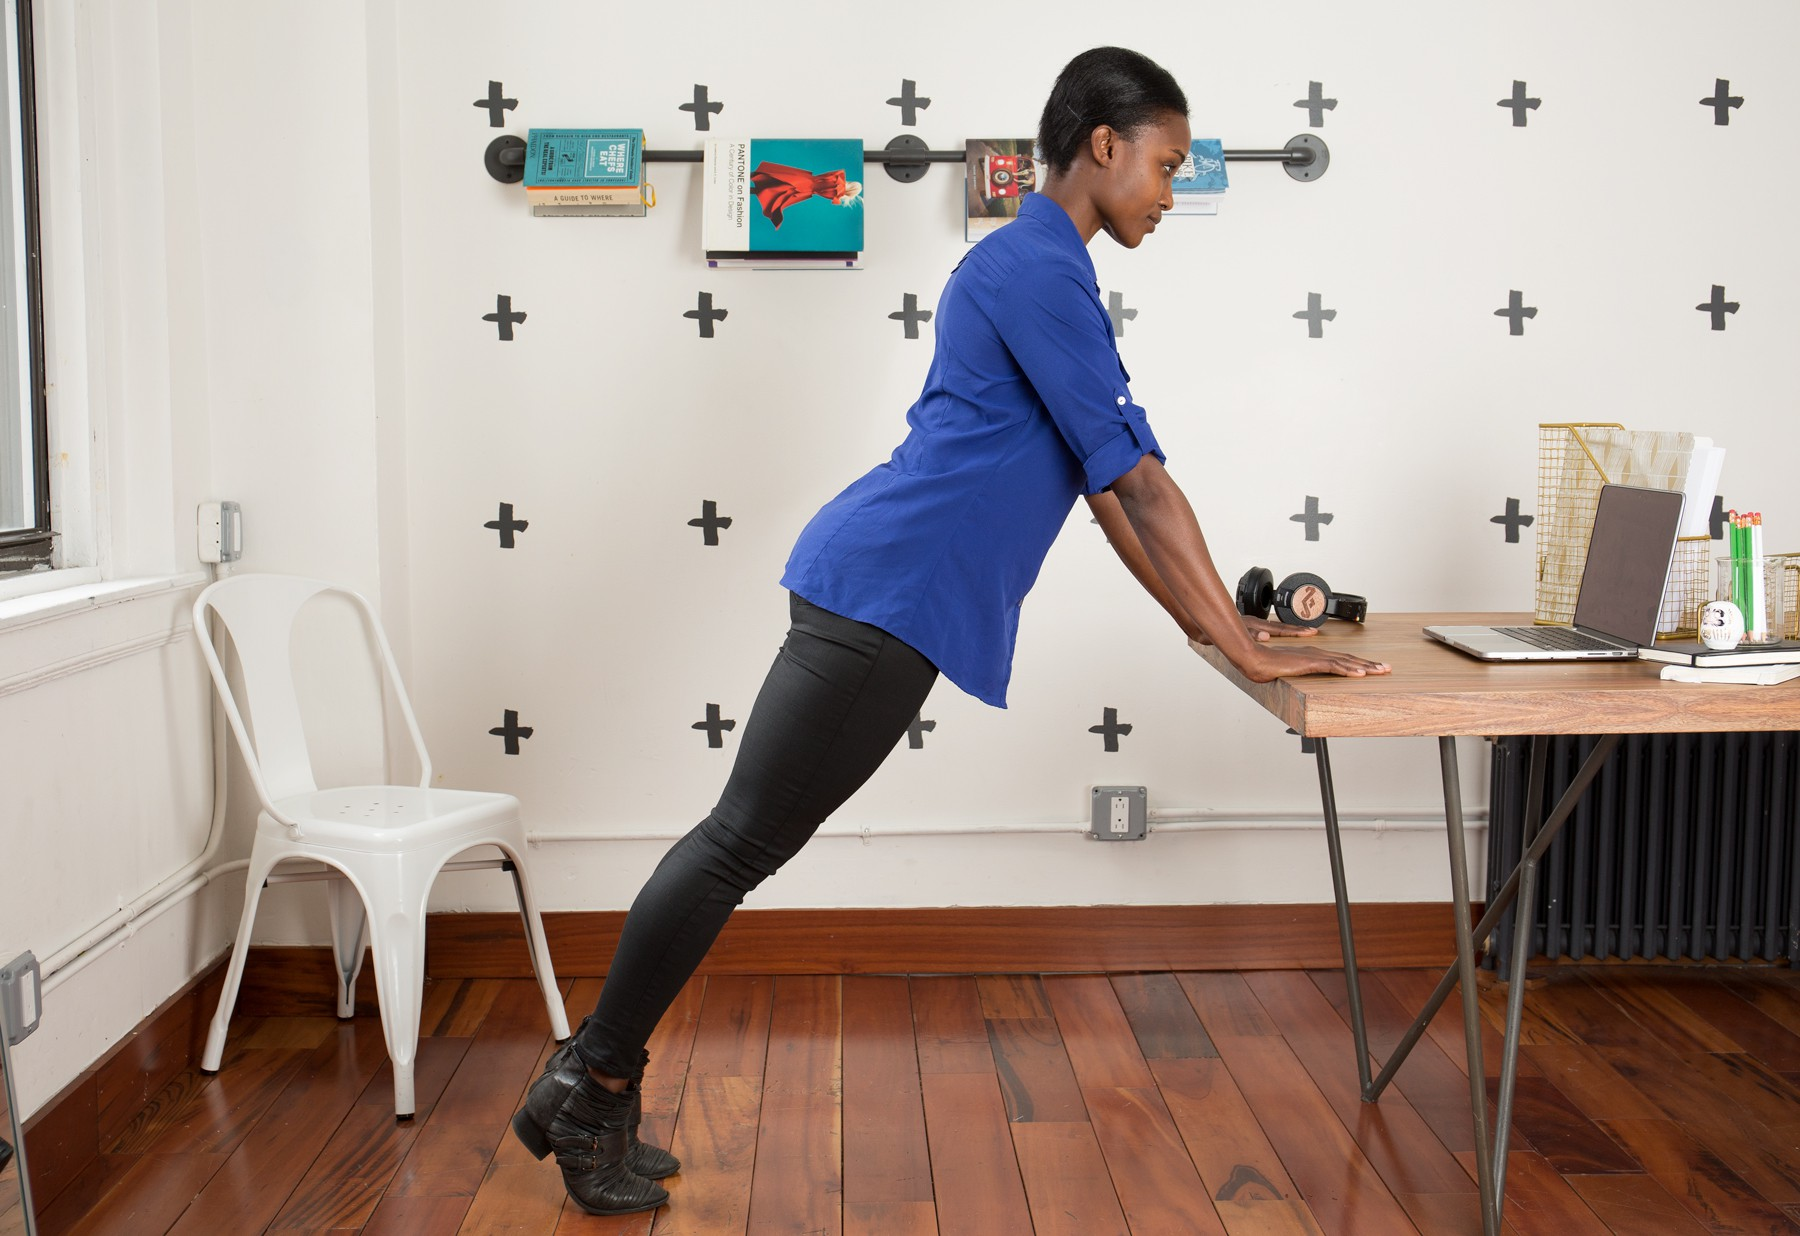 Dân văn phòng hay phải ngồi một chỗ thì học ngay bí kíp tập luyện kiểu này cho hiệu quả - Ảnh 3.